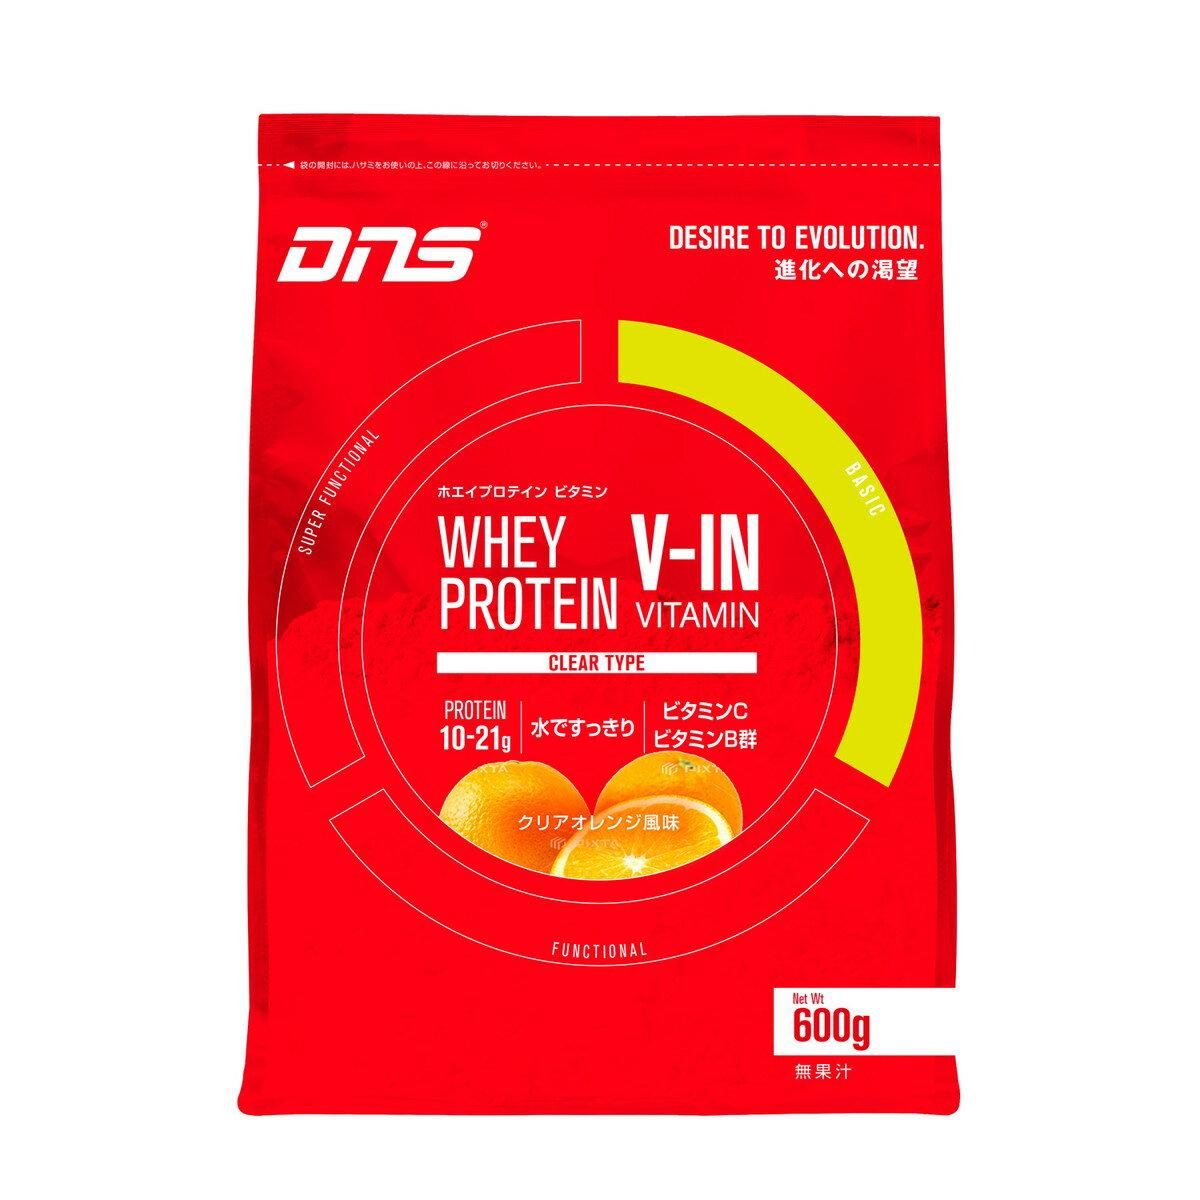 【5個セット】  DNS ホエイプロテイン ビタミン クリアオレンジ風味 600g×5個セット【正規品】 ※軽減税率対応品